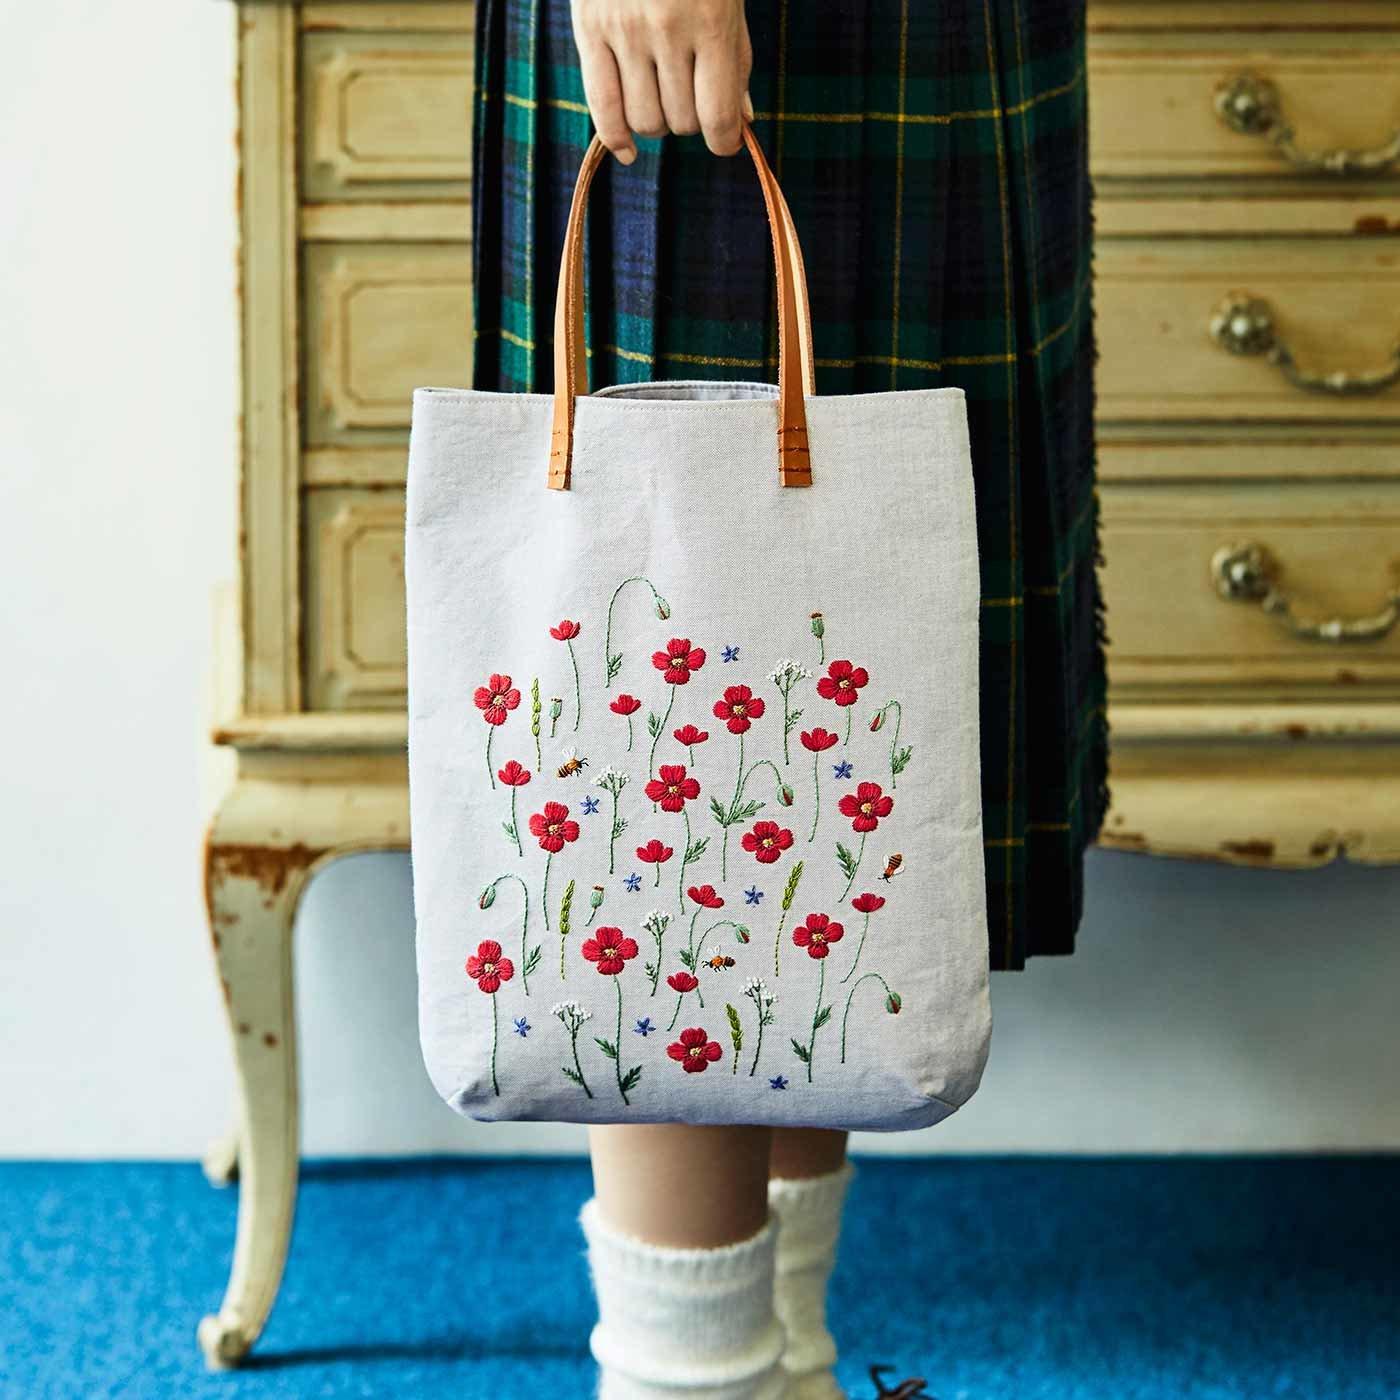 あこがれのガーデンを描く 青木 和子さんの贅沢刺しゅうバッグの会